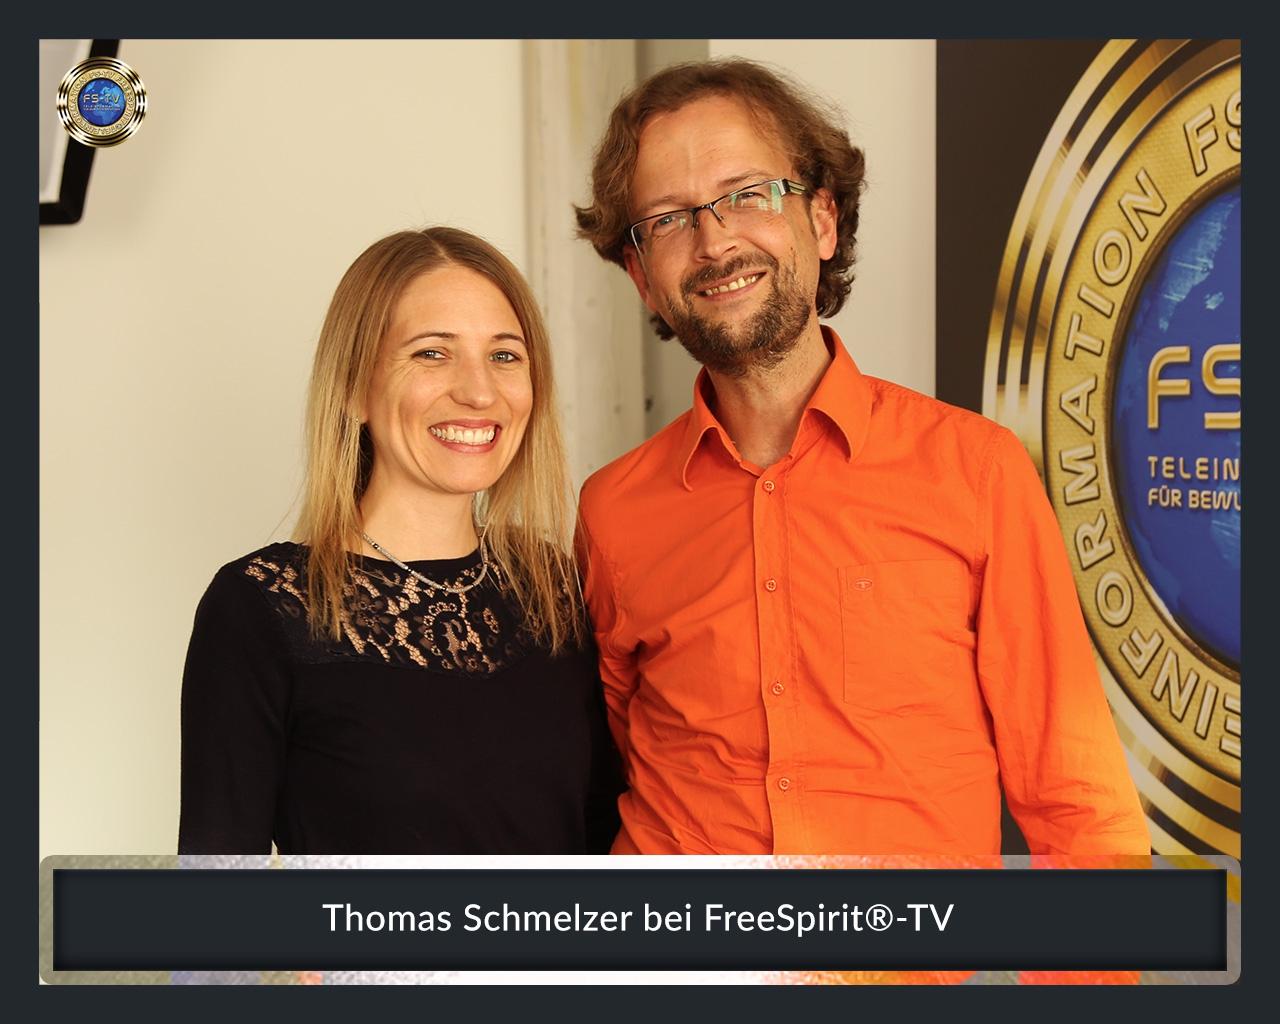 FS-TV-Bildergallerie-Thomas-Schmelzer-2